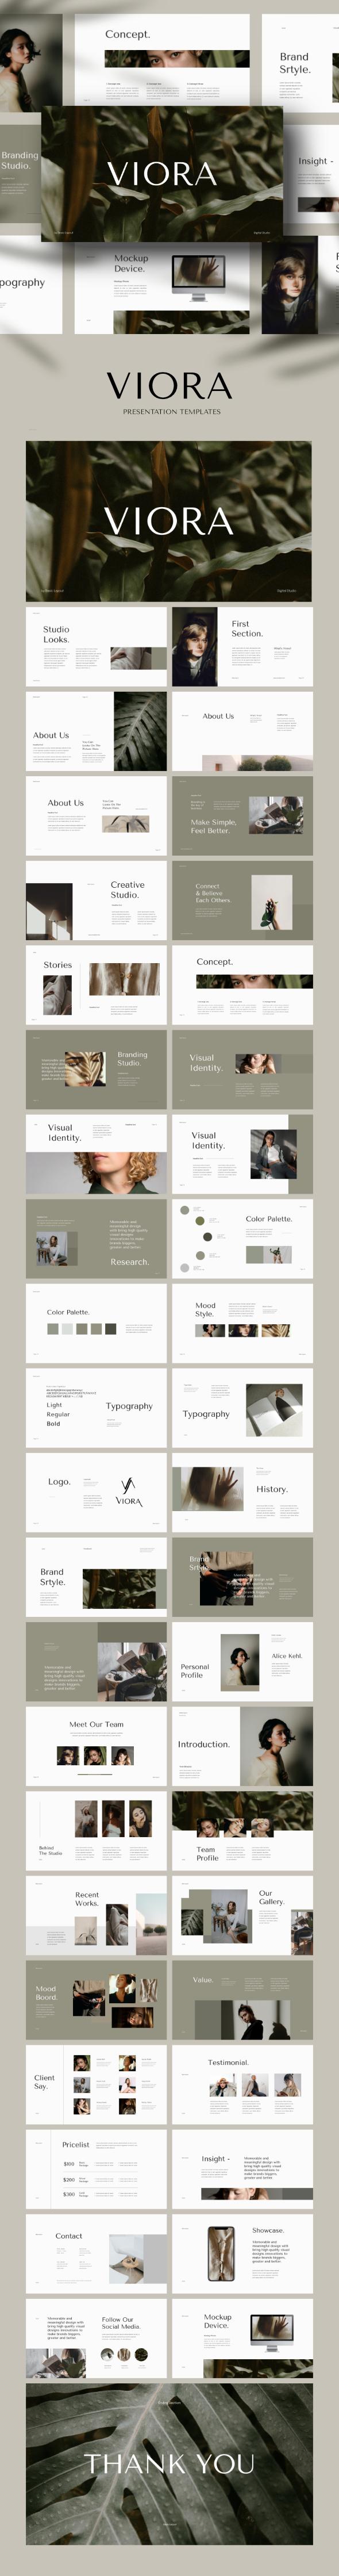 VIORA - Creative Studio Brand Template